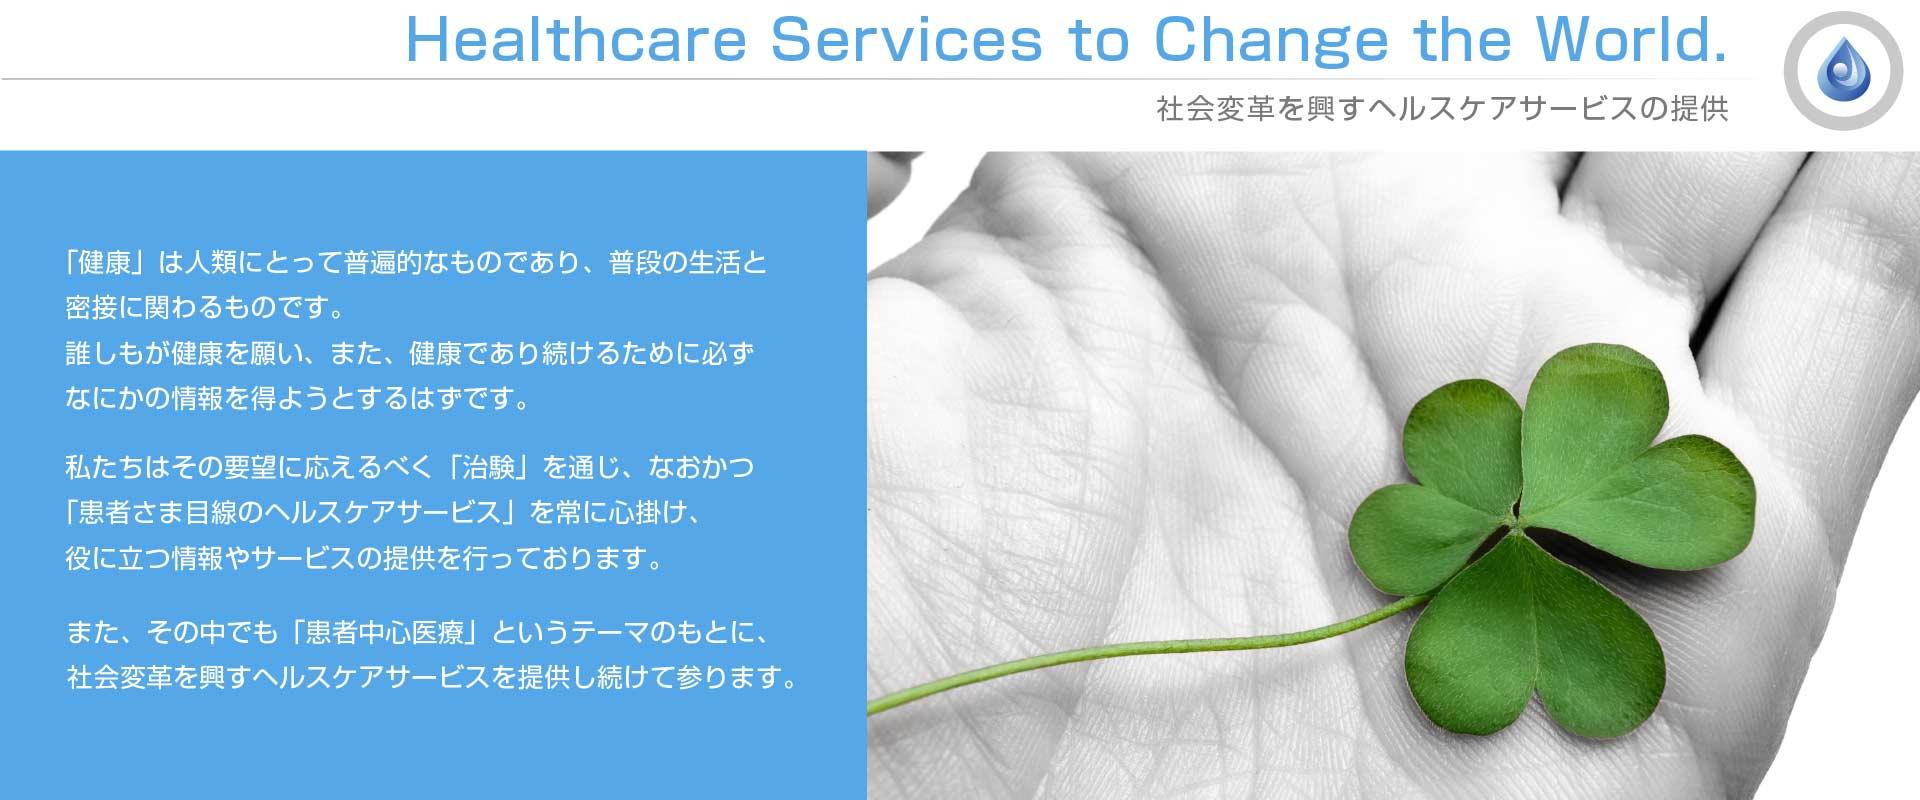 社会改革を興すヘルスケアサービスの提供